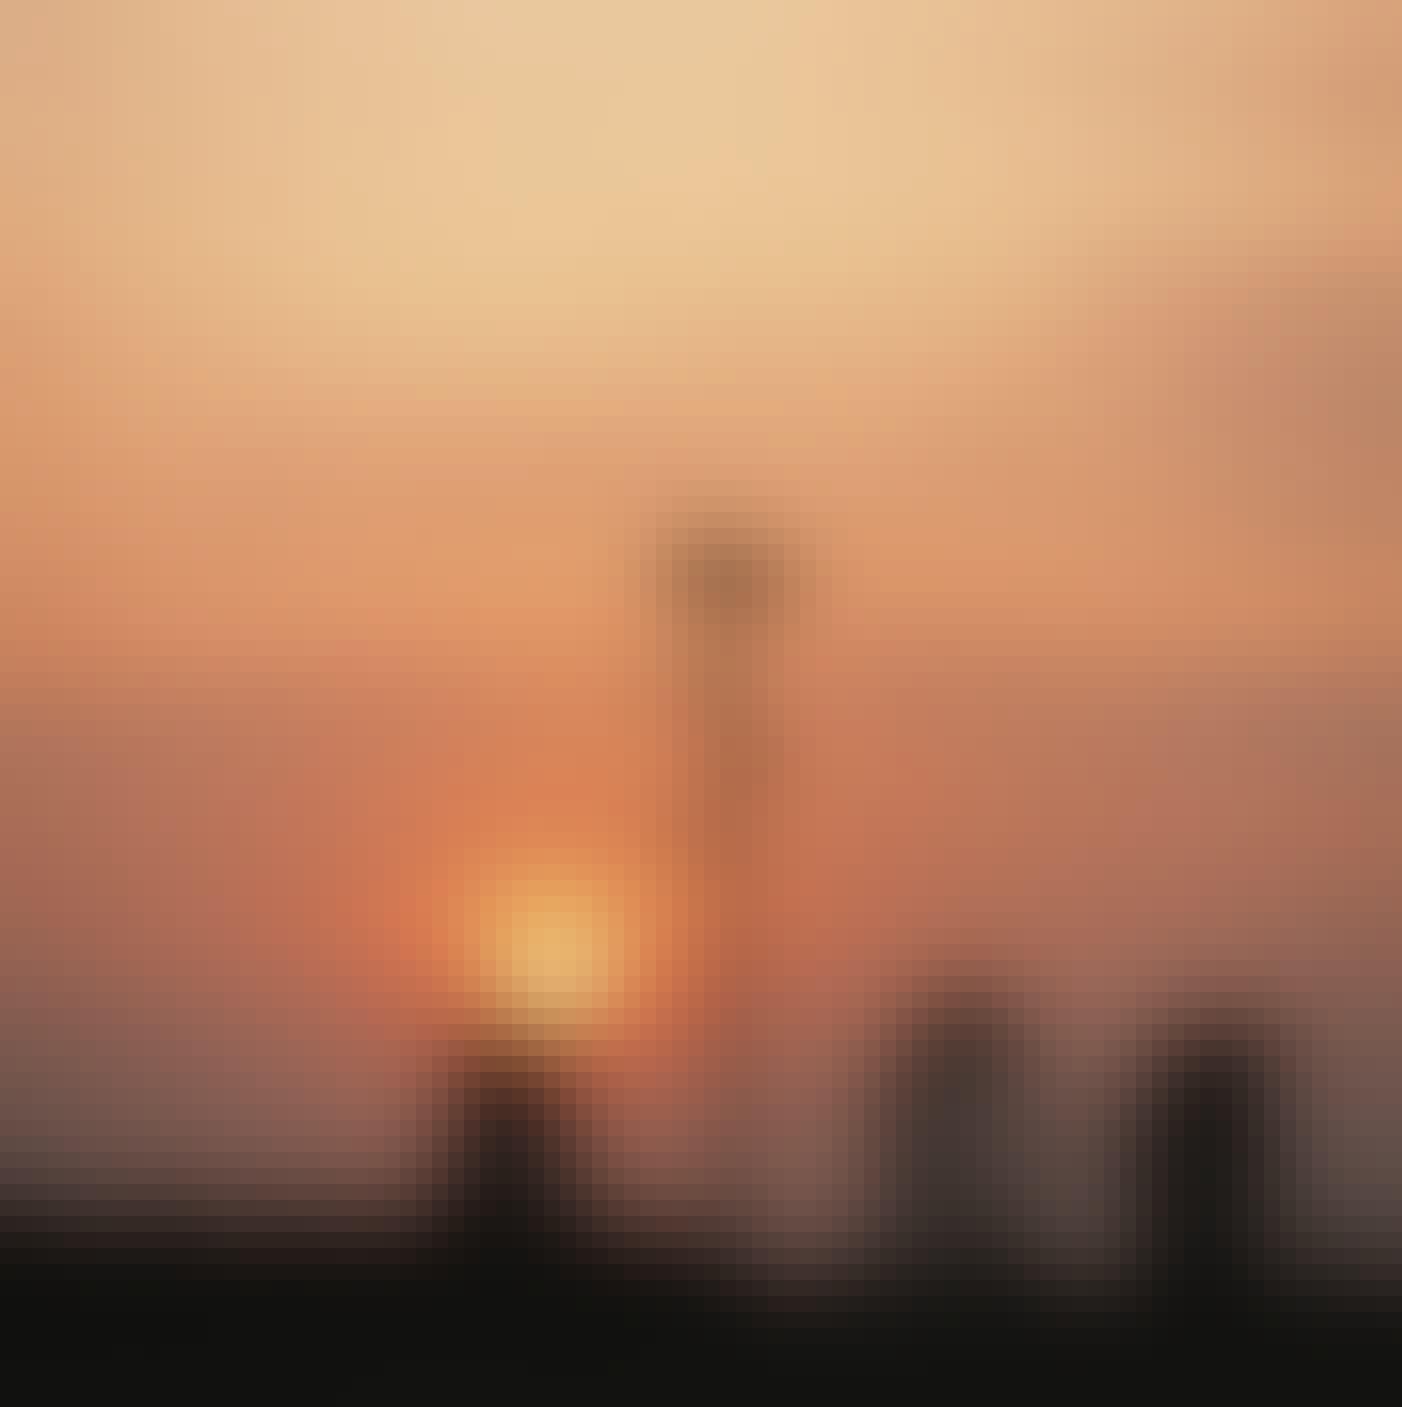 Storchennest Sonnenuntergang